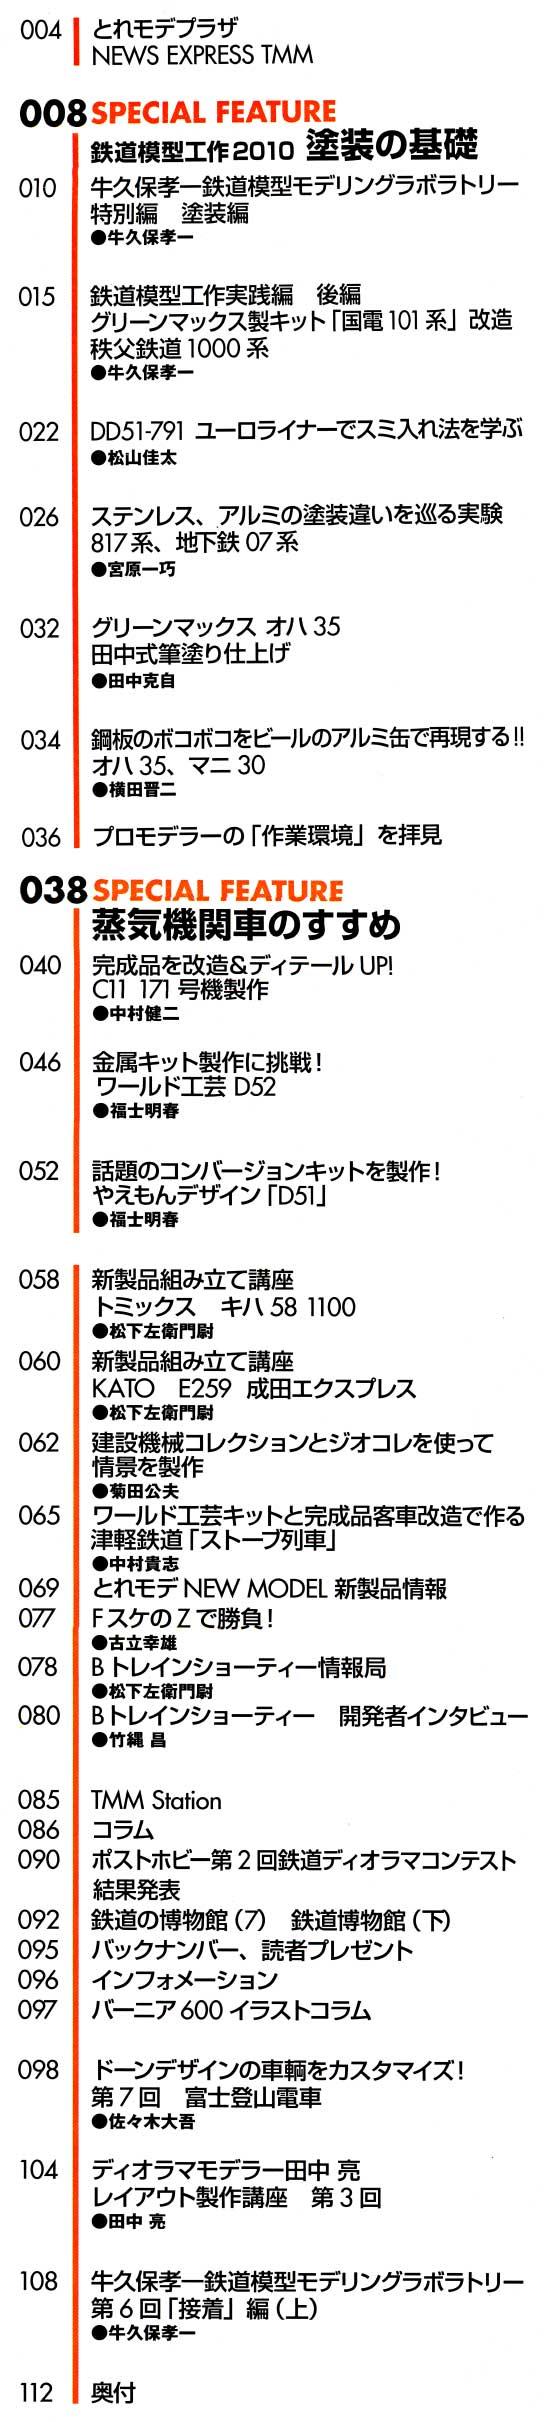 トレインモデリングマニュアル Vol.7本(ホビージャパンHOBBY JAPAN MOOKNo.007)商品画像_1